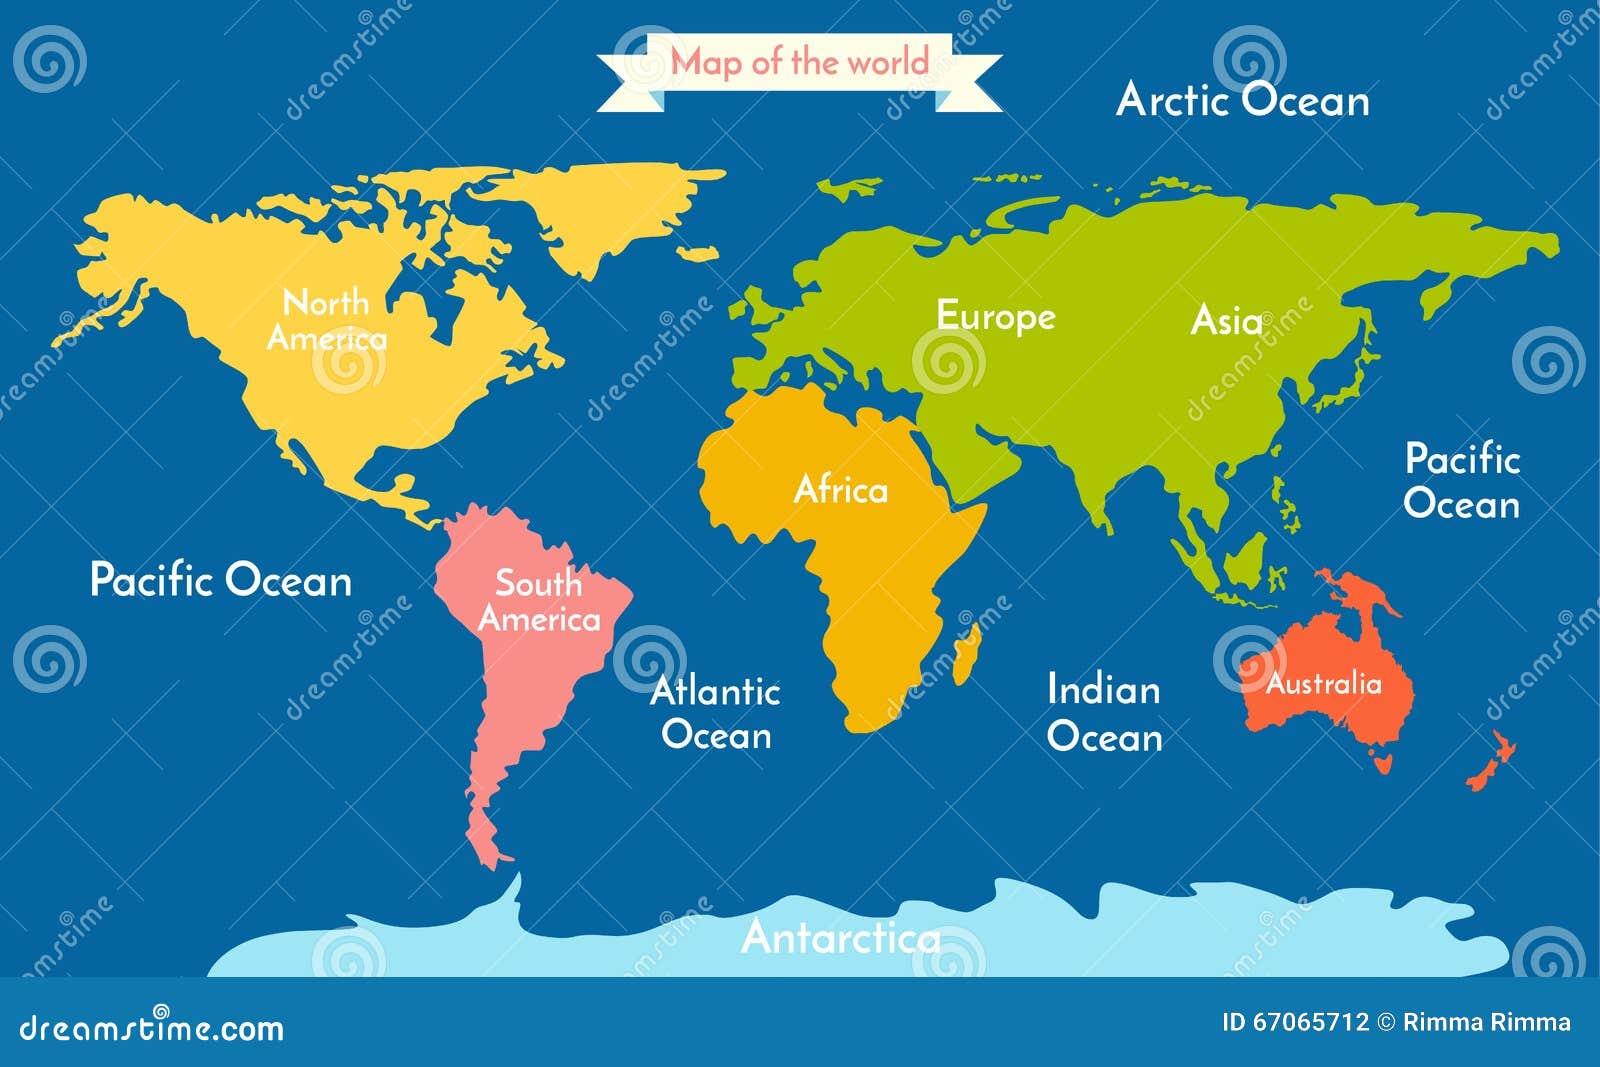 Karte Kontinente Welt.Karte Der Welt Vector Illustration Mit Der Aufschrift Der